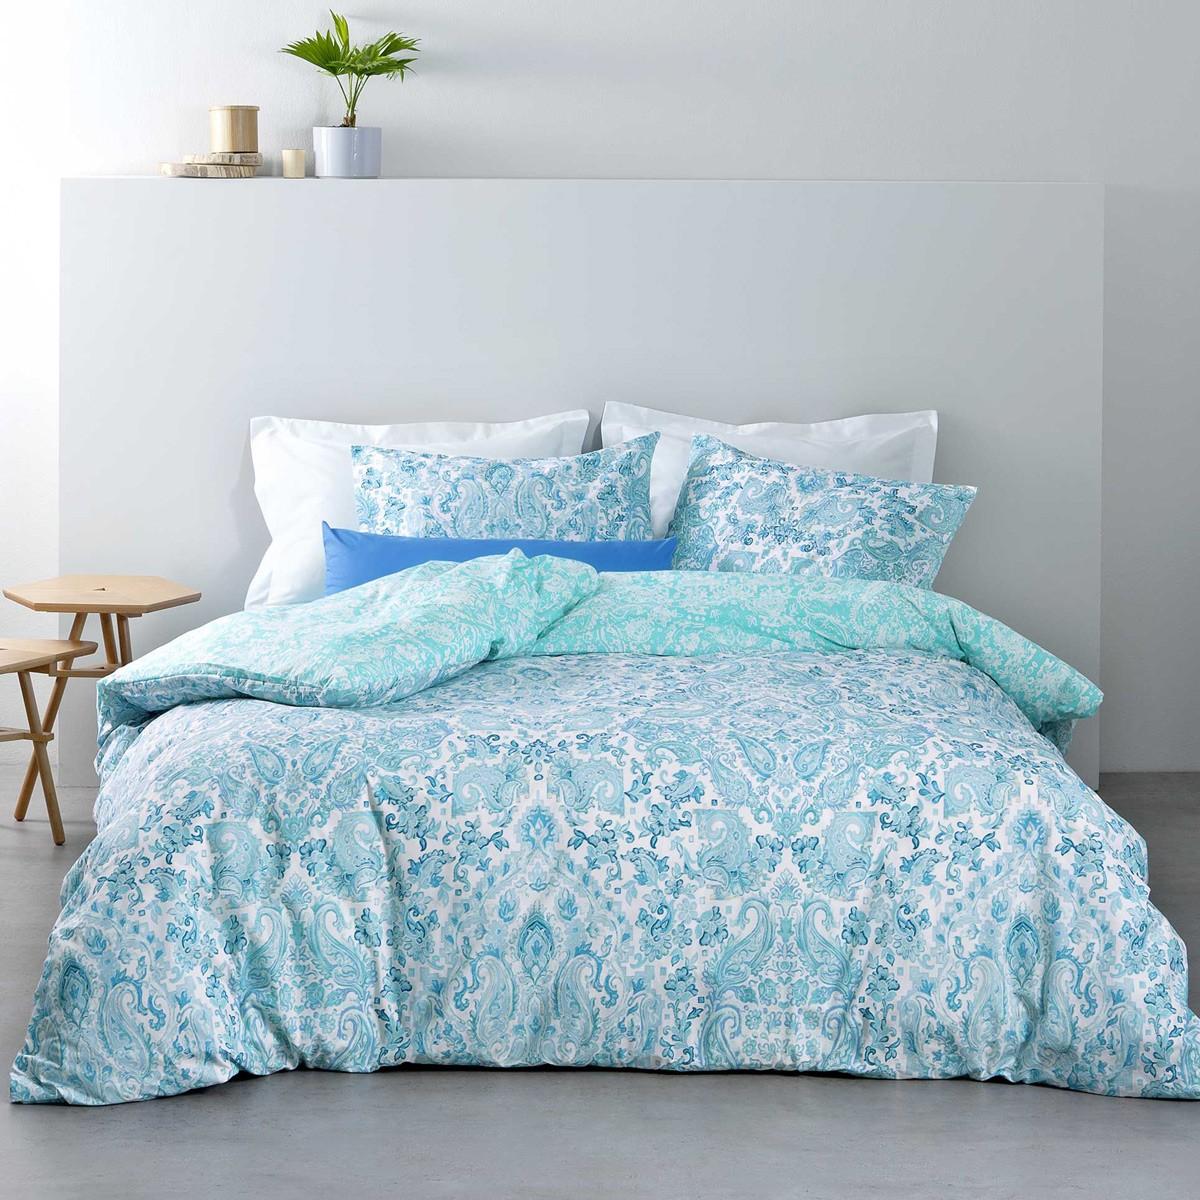 Κουβερλί Μονό Nima Bed Linen Ananta Blue